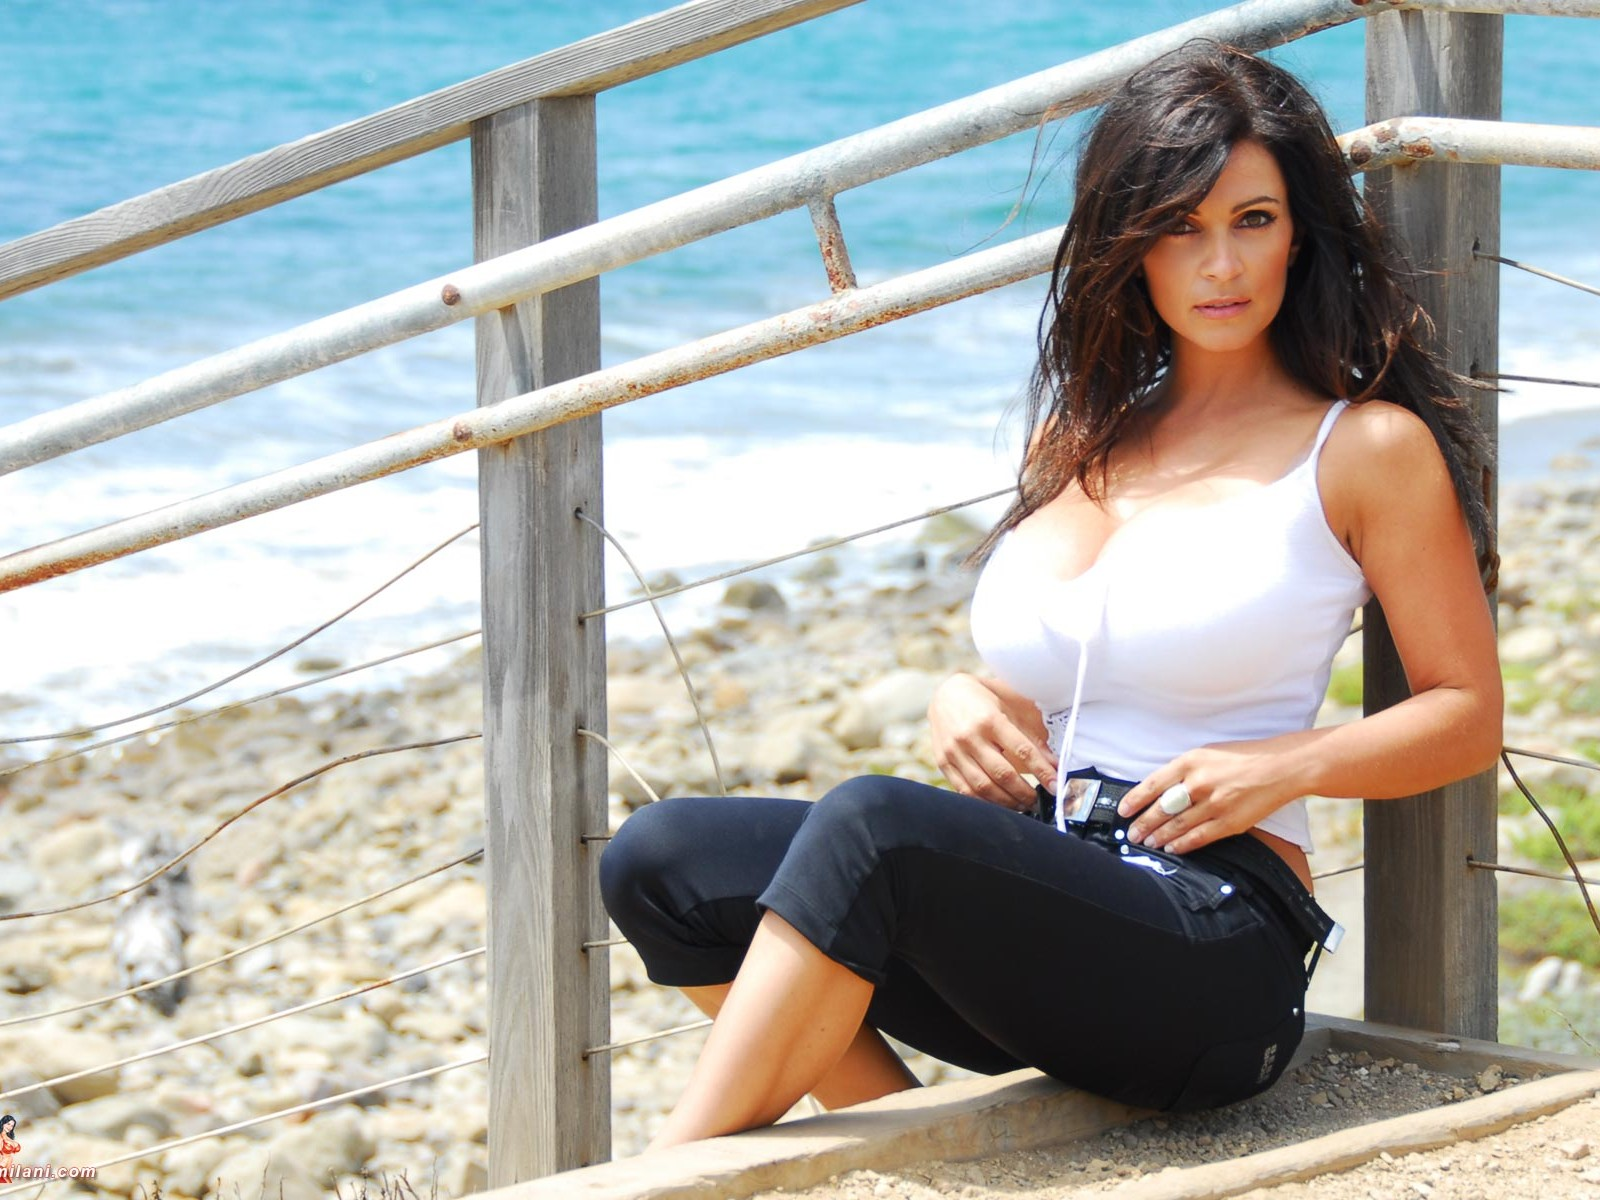 Дениз Милани (Denise Milani): фото, биография, личная жизнь инстаграм красотки